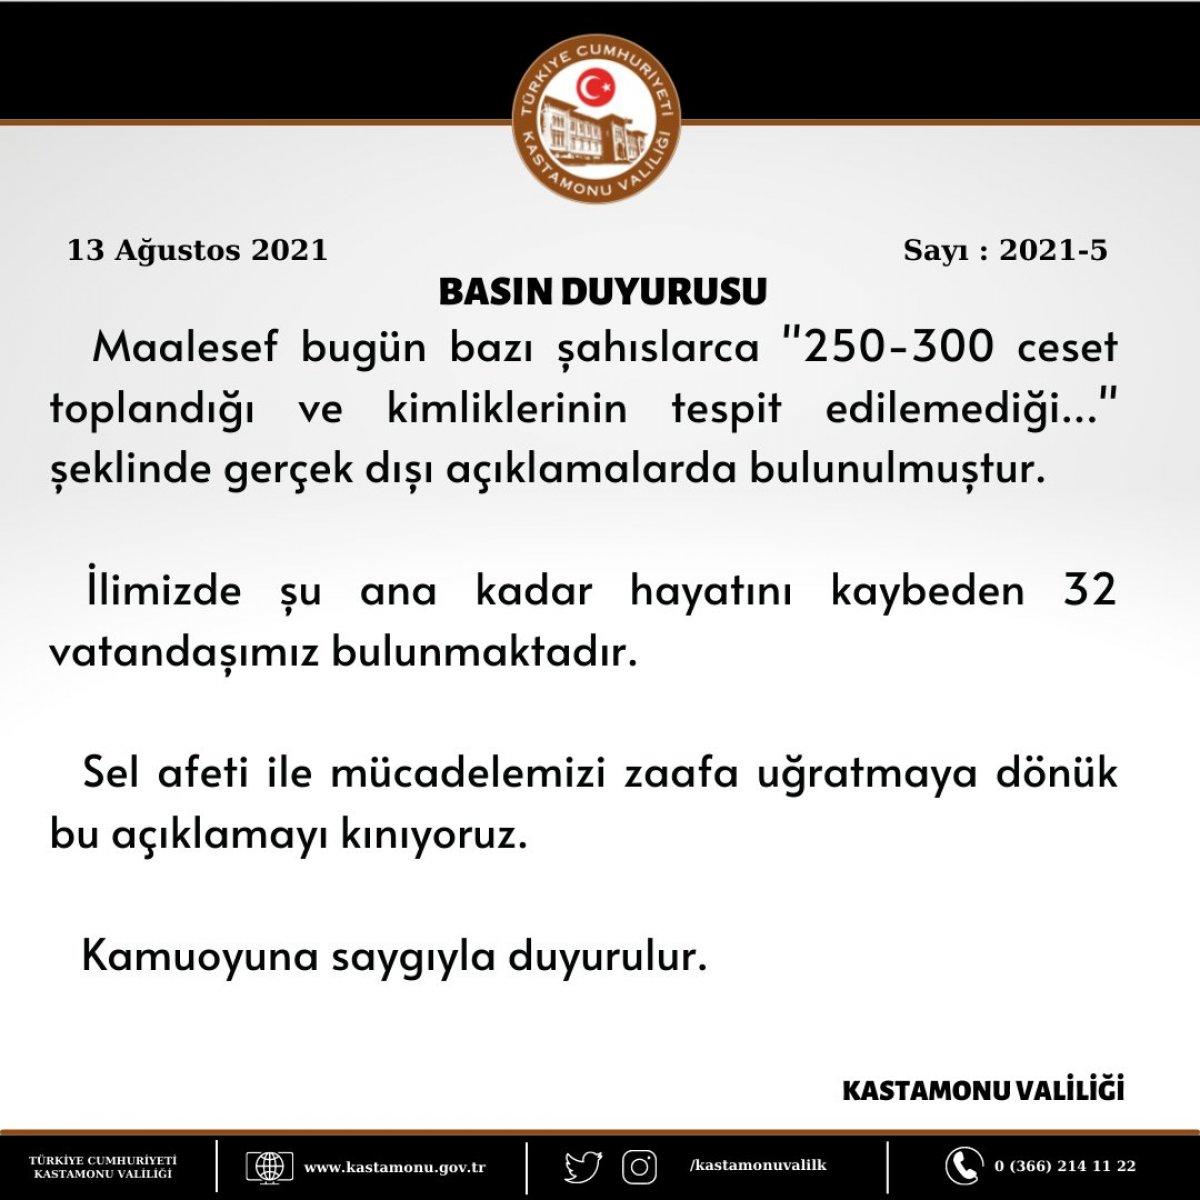 Kastamonu Valiliği: 300 ceset olduğu iddiası gerçek dışı #2